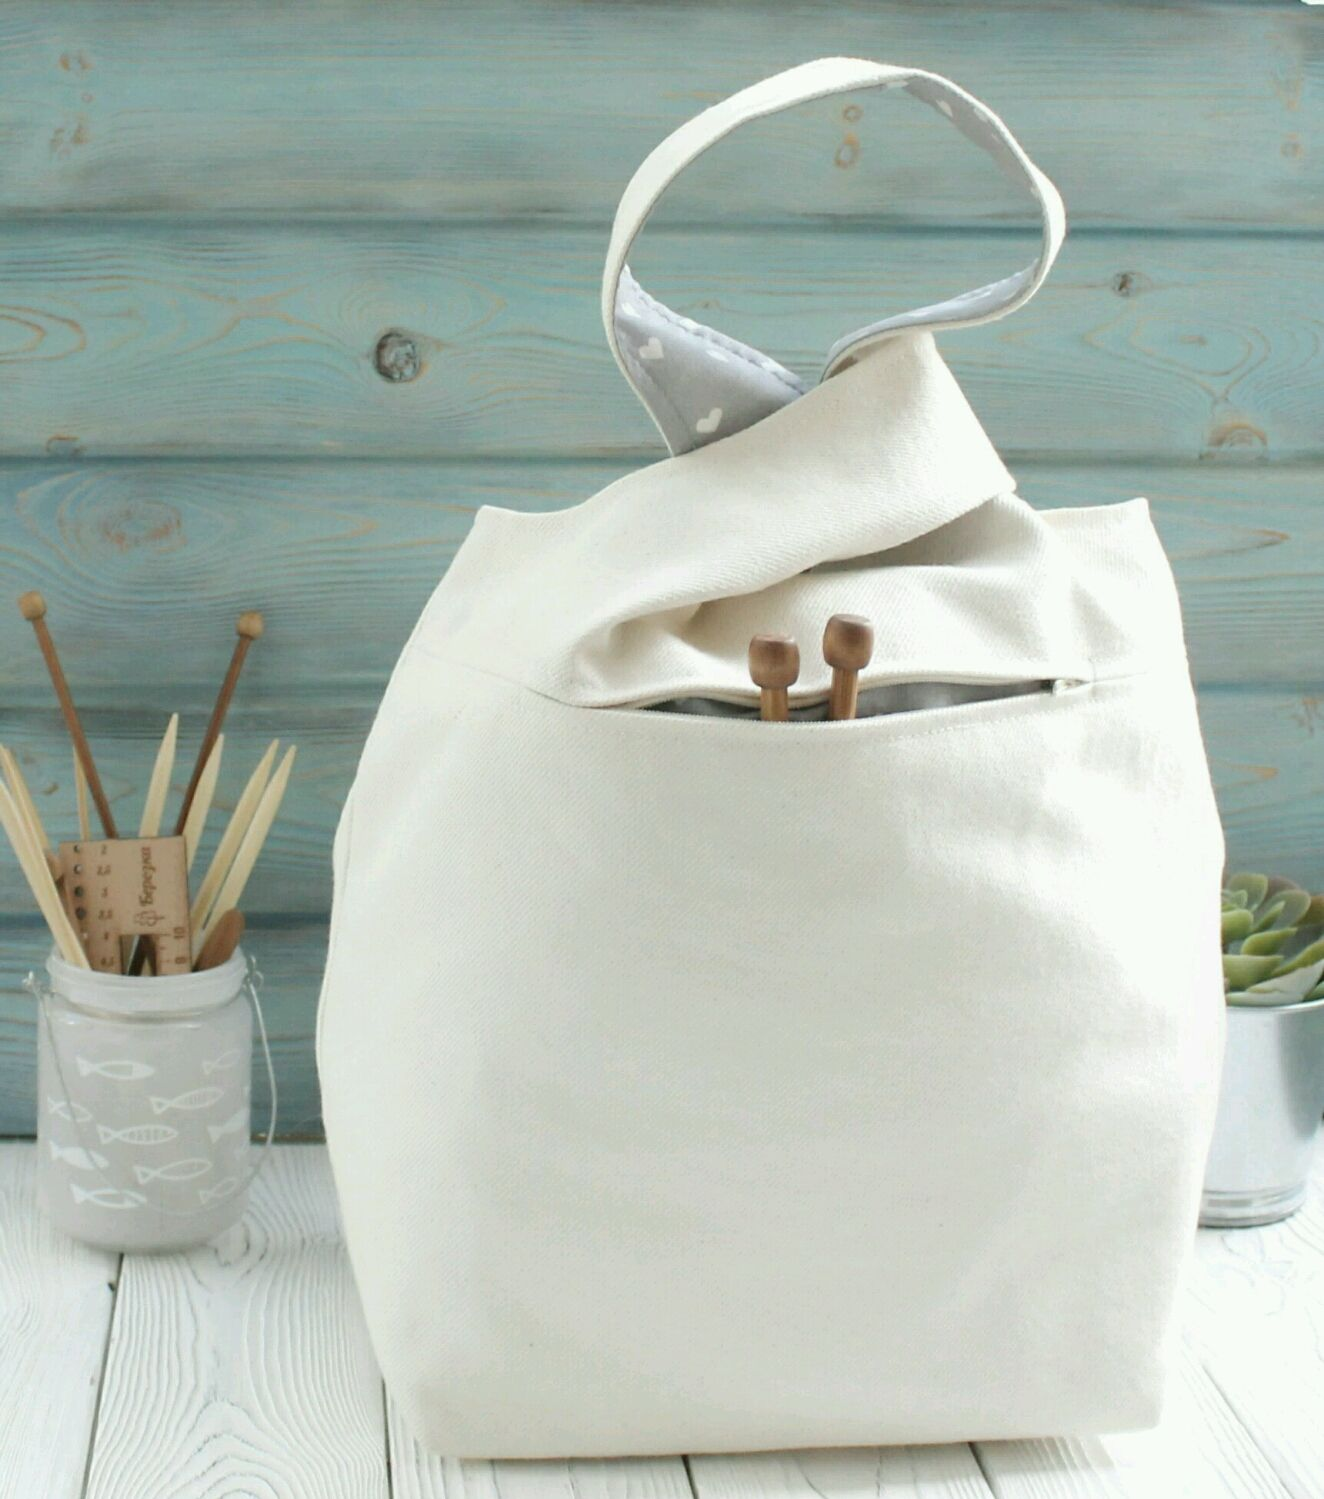 Органайзеры для рукоделия ручной работы. Ярмарка Мастеров - ручная работа. Купить Проектная сумка для вязания большая с карманом на молнии Project bag. Handmade.